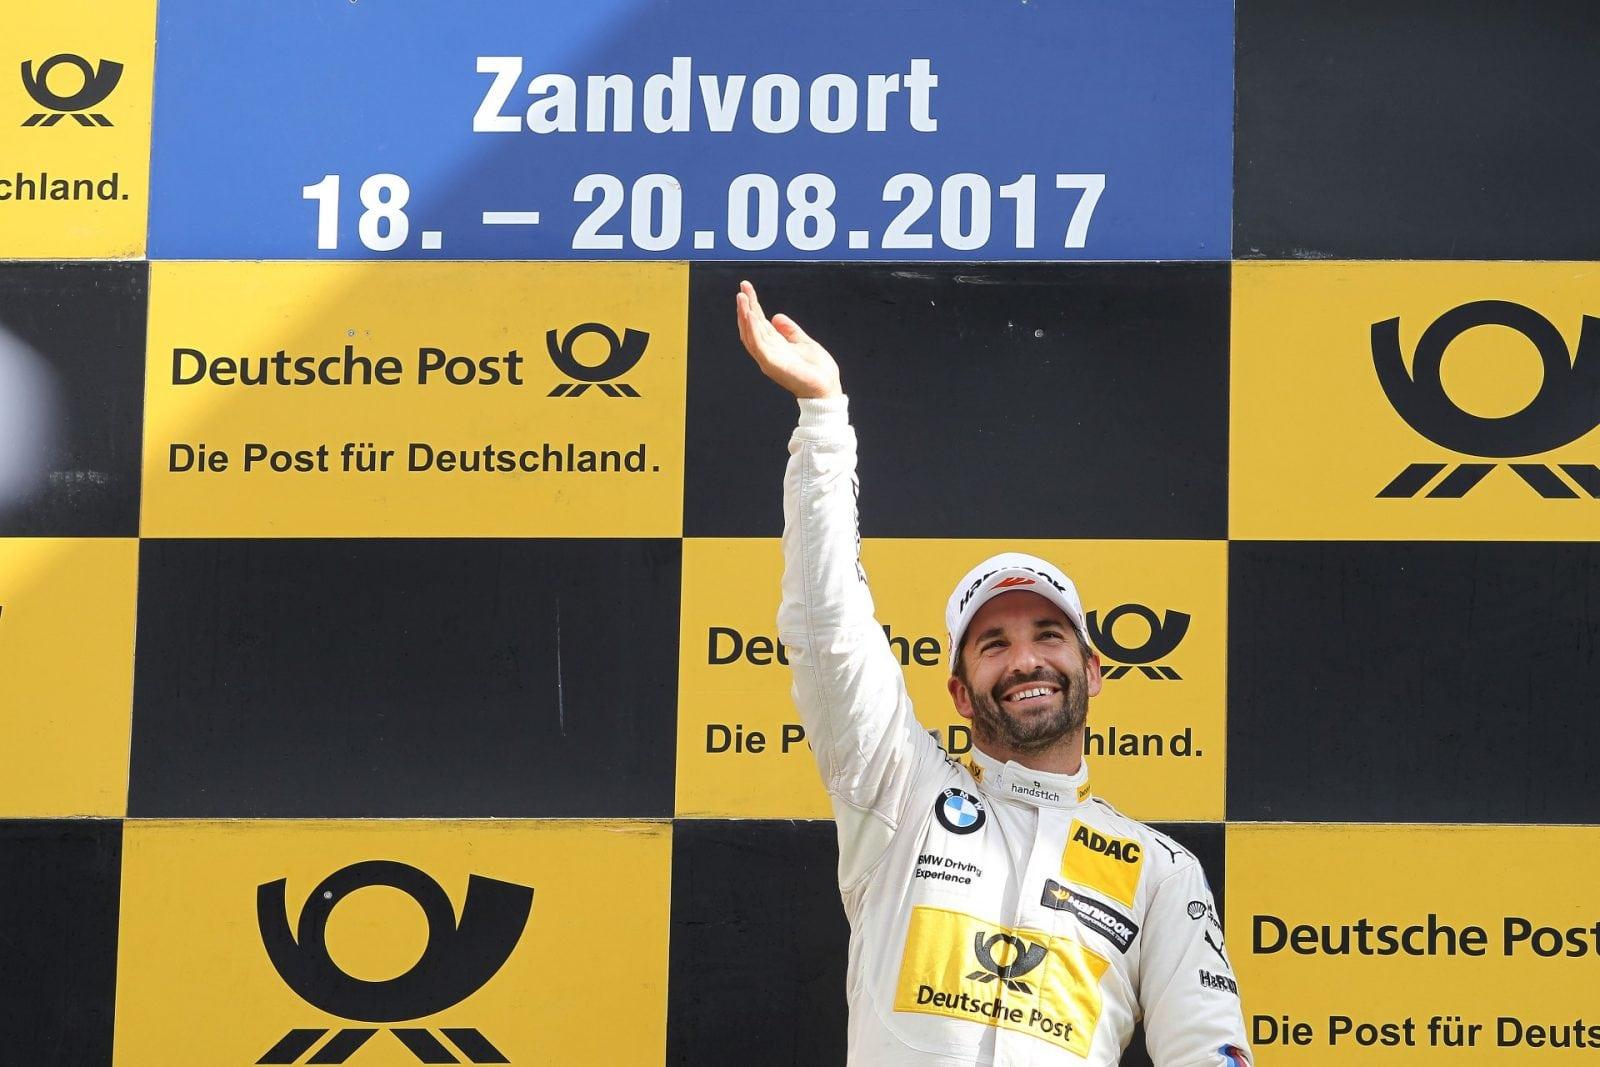 DTM 2017 Zandvoort 19.07.2017: Тимо Глок одержал первую победу в этом сезоне